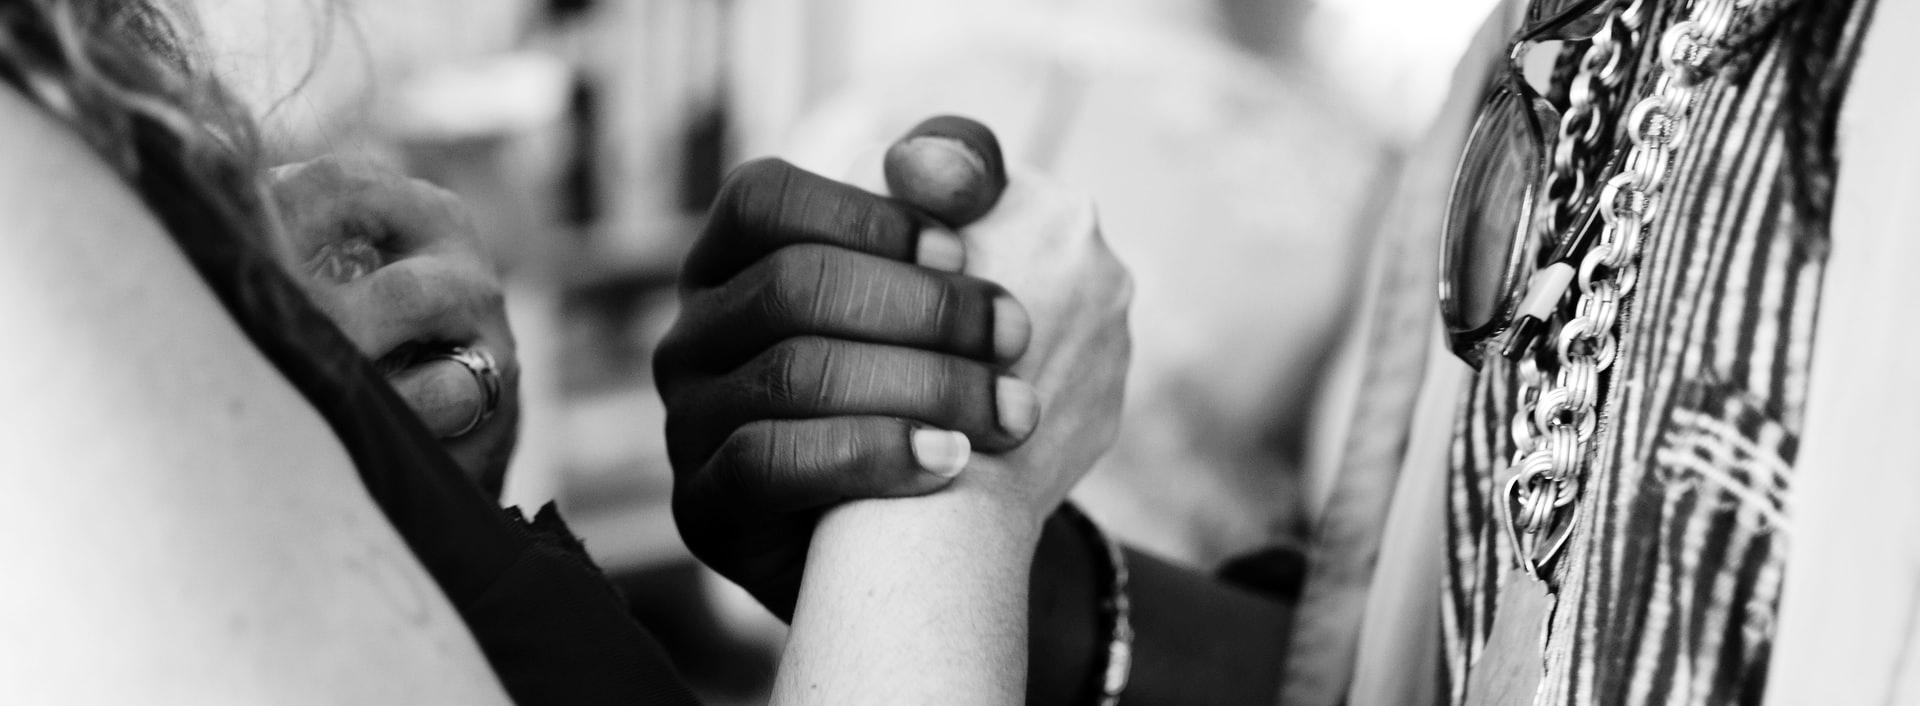 In die Welt von anderen hineinsehen zu können, bringt eine wunderbare Möglichkeit, seine eigene Welt zu erweitern und das gleiche Verständnis und die gleiche Akzeptanz, die man dem anderen entgegenbringt, auch sich selbst zu schenken. Empathie ist schlussendlich auch ein Weg zum Selbstverständnis und zu einer tieferen Selbstliebe und -akzeptanz.